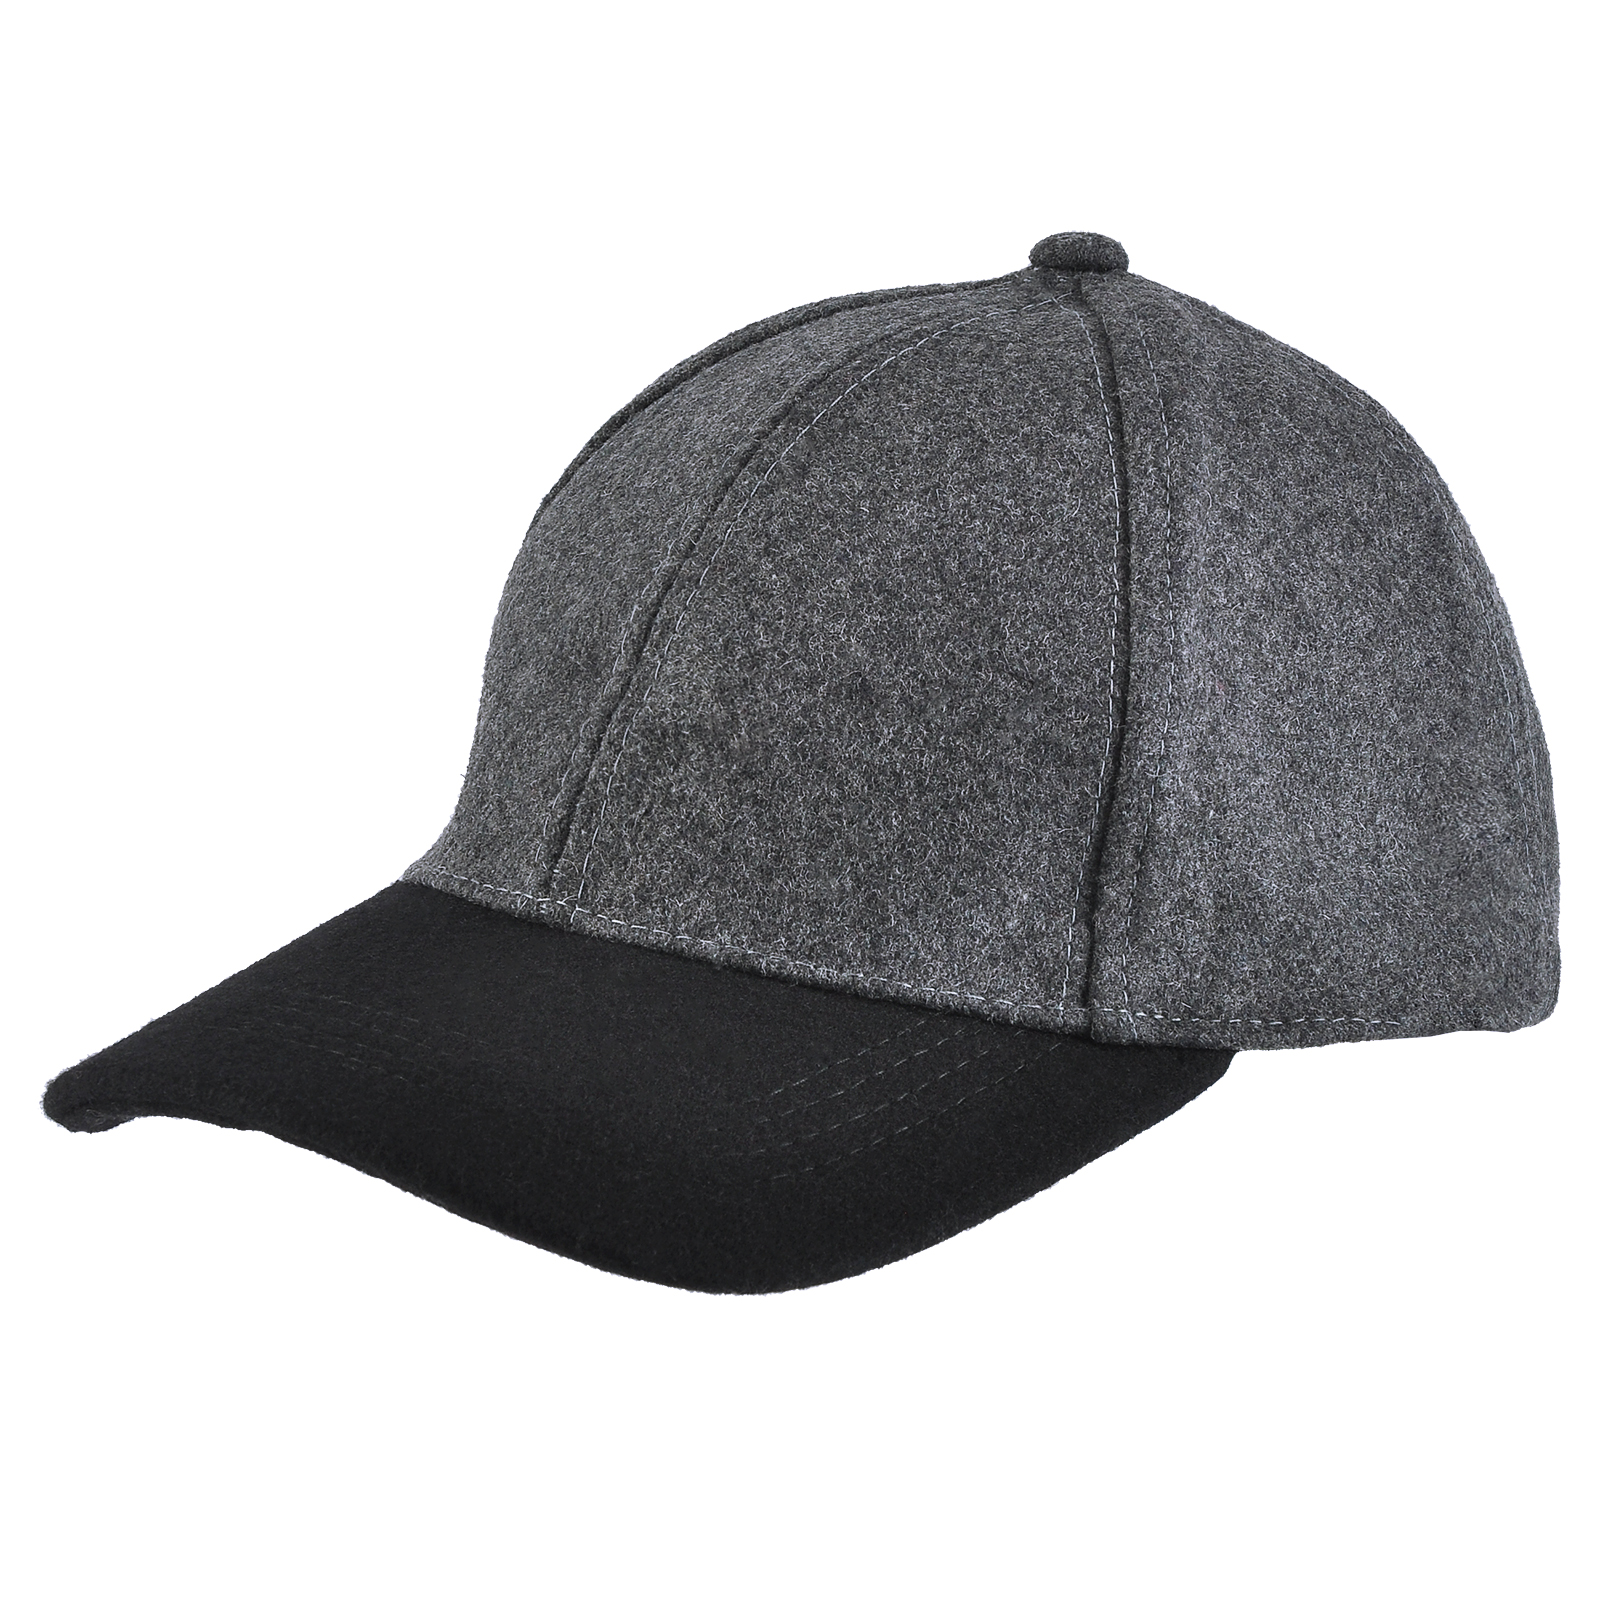 CP-00637-F16-casquette-laine-homme-grise